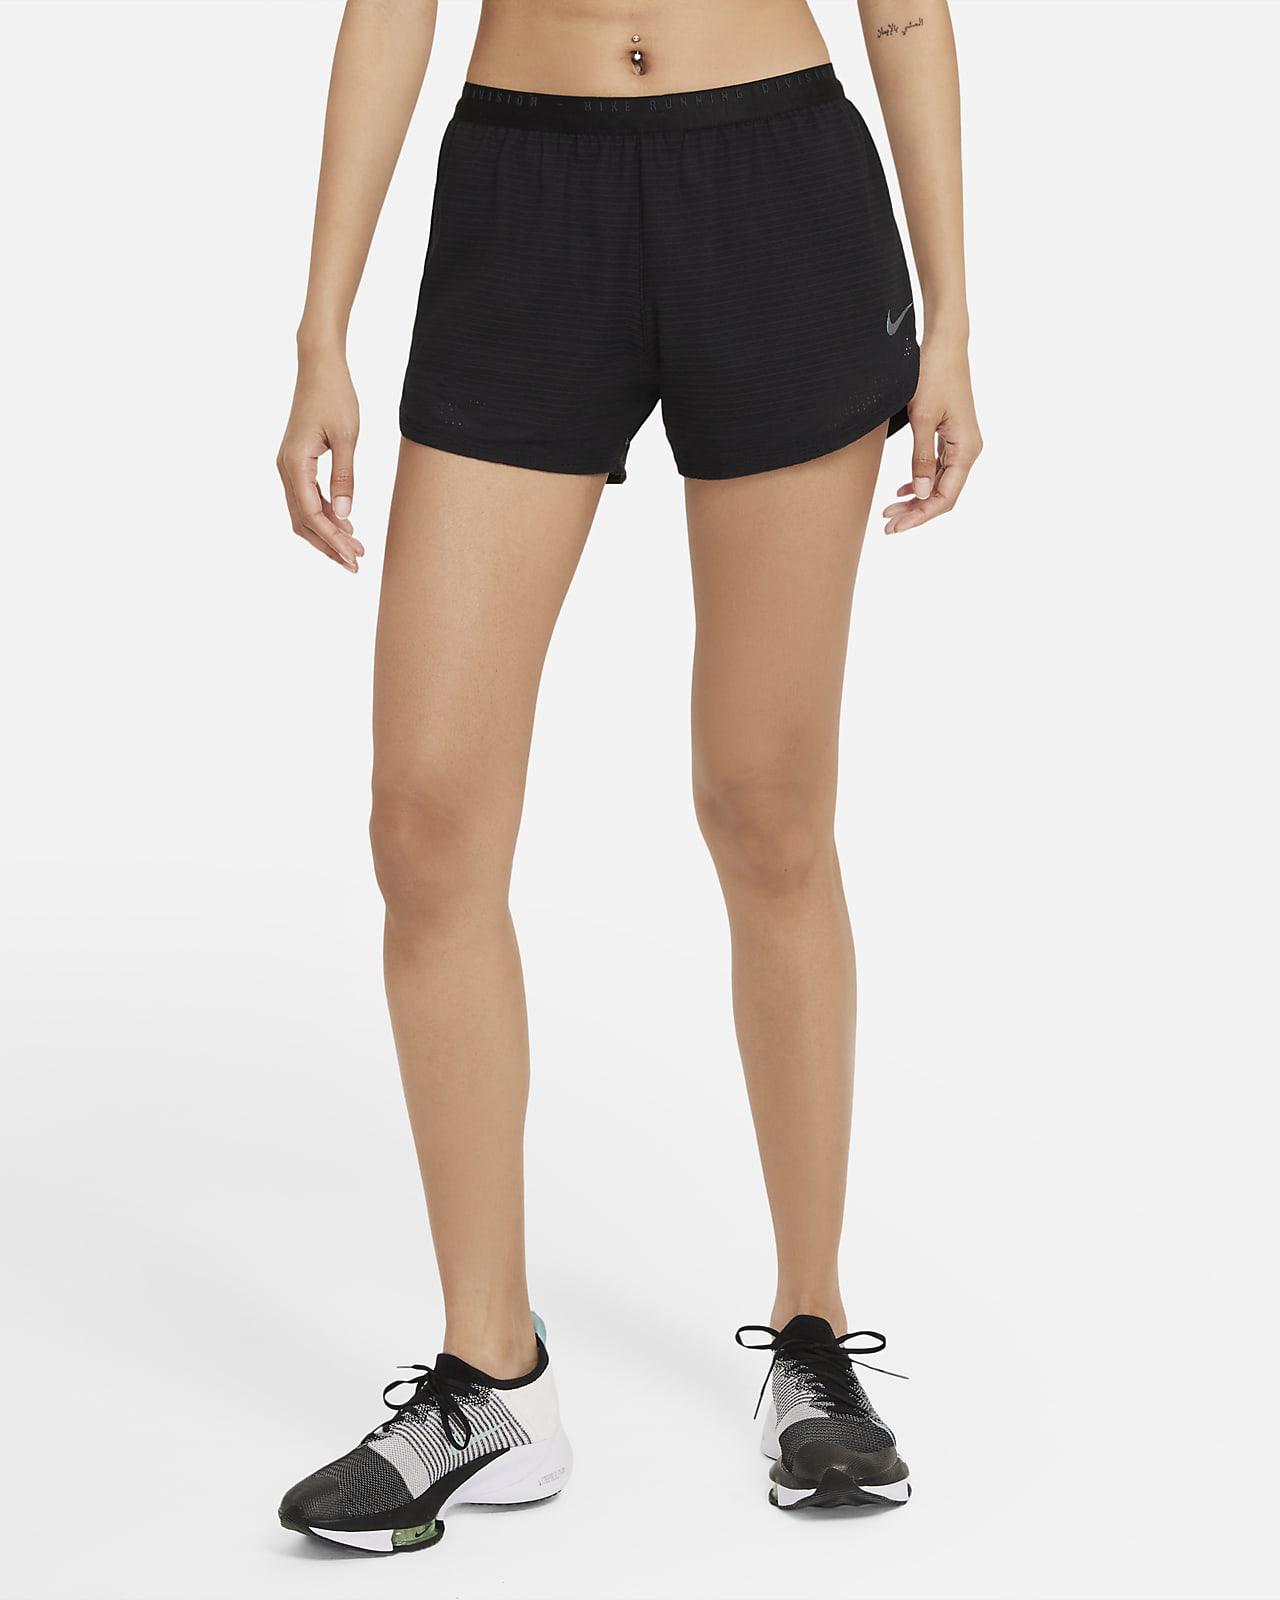 Shorts de running diseñados para mujer Nike Run Division